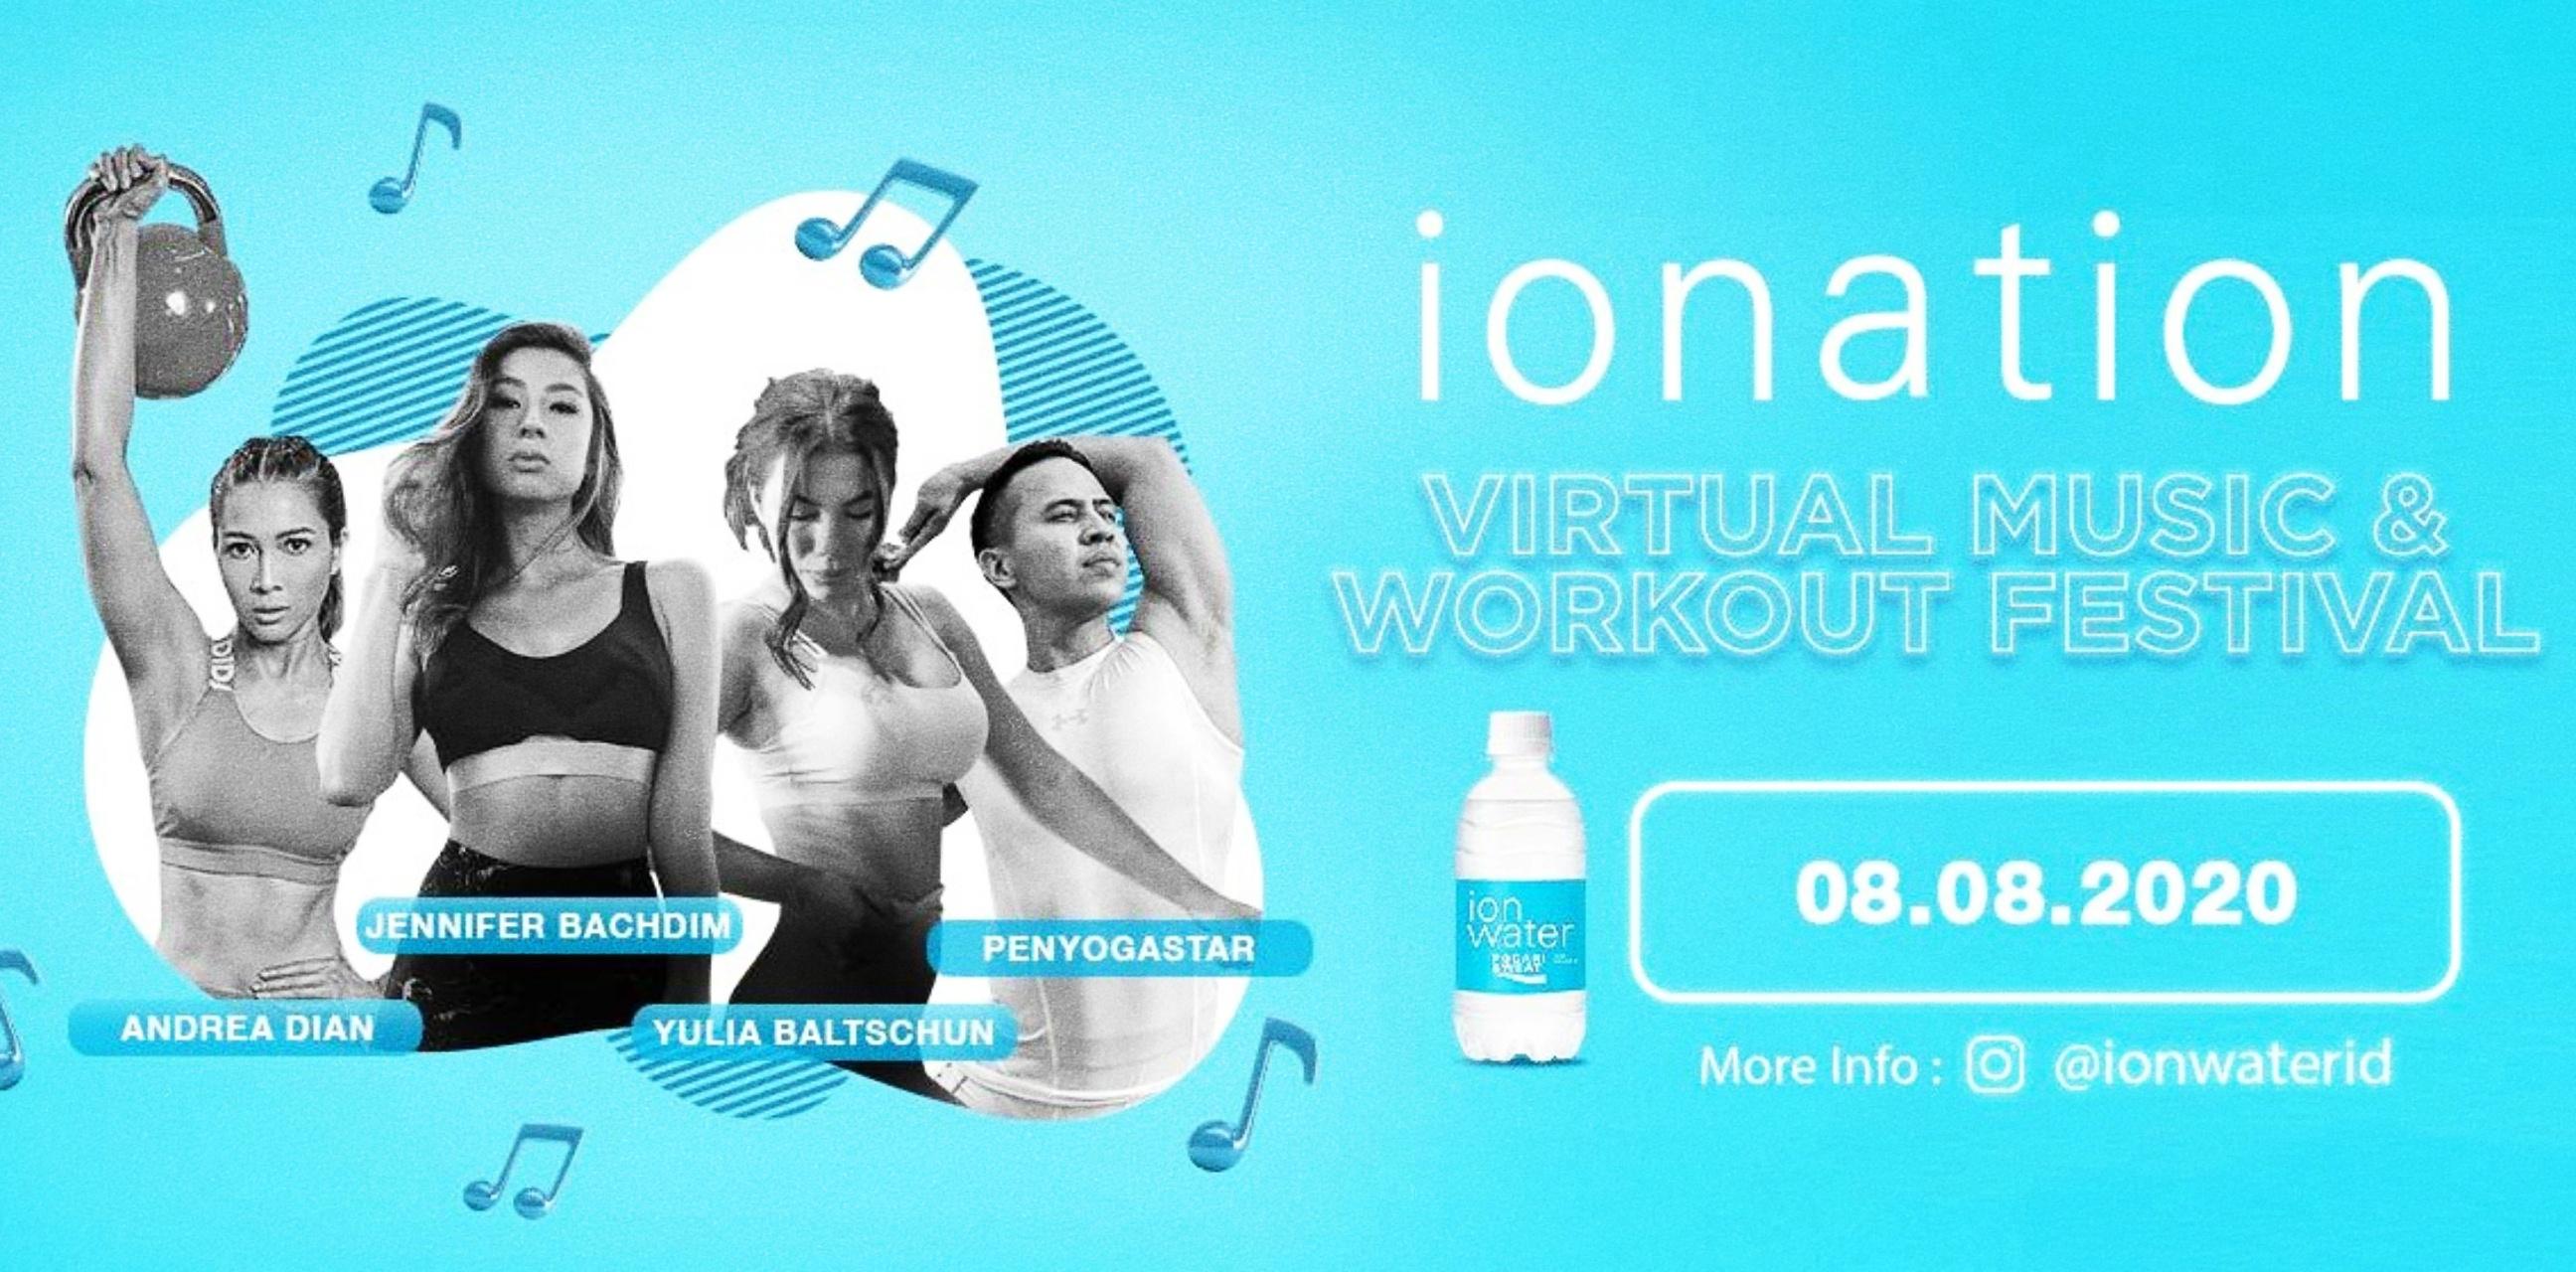 4 Fakta festival virtual olahraga dan musik terbesar di Indonesia